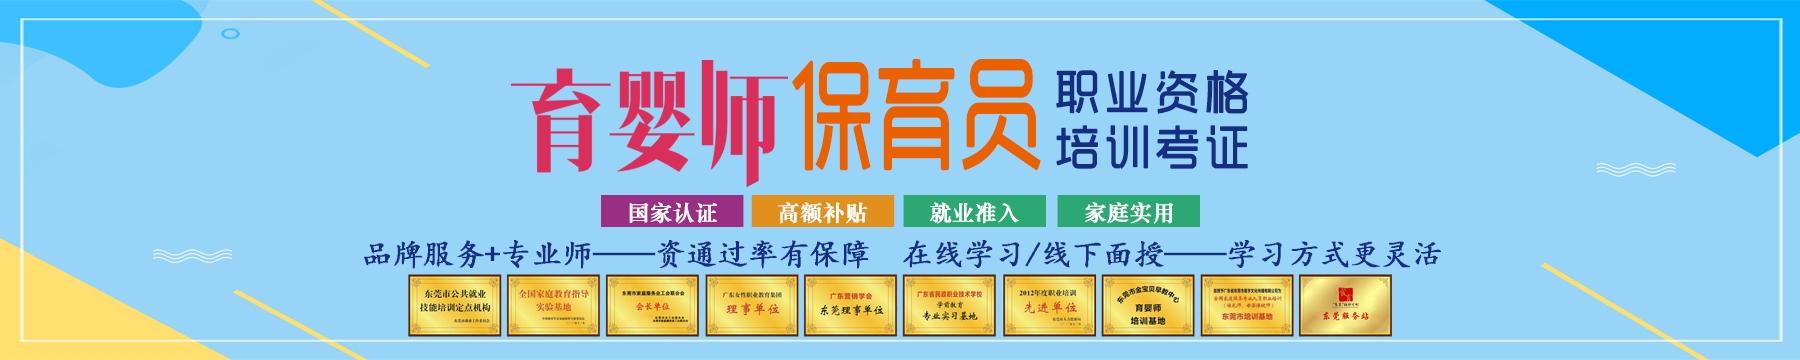 东莞博宇职业培训学校